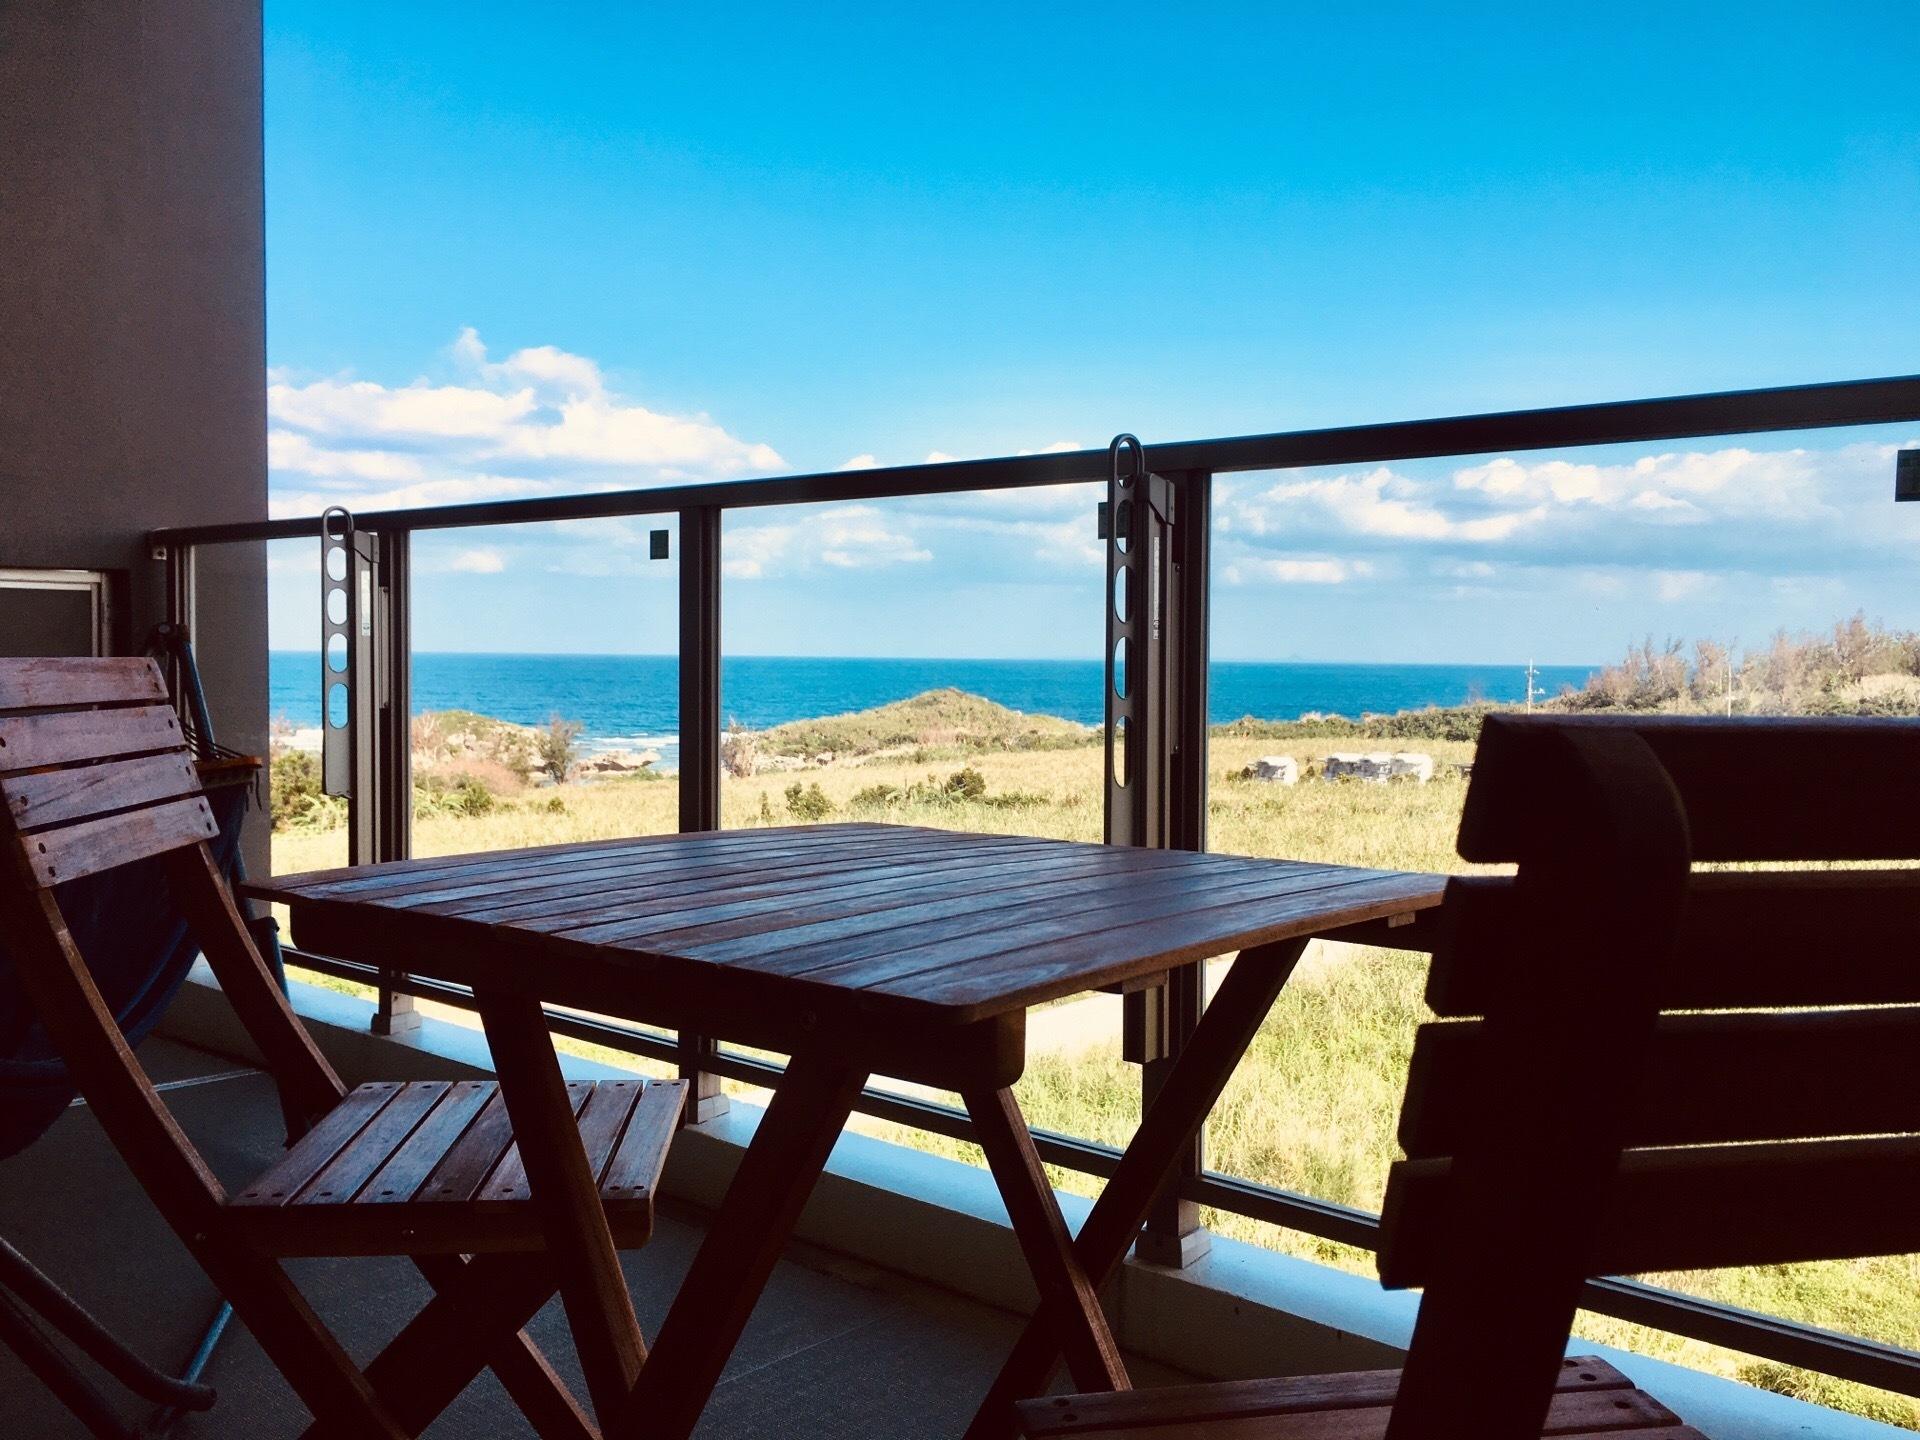 ガーデンチェアから海を眺めるのも良し。